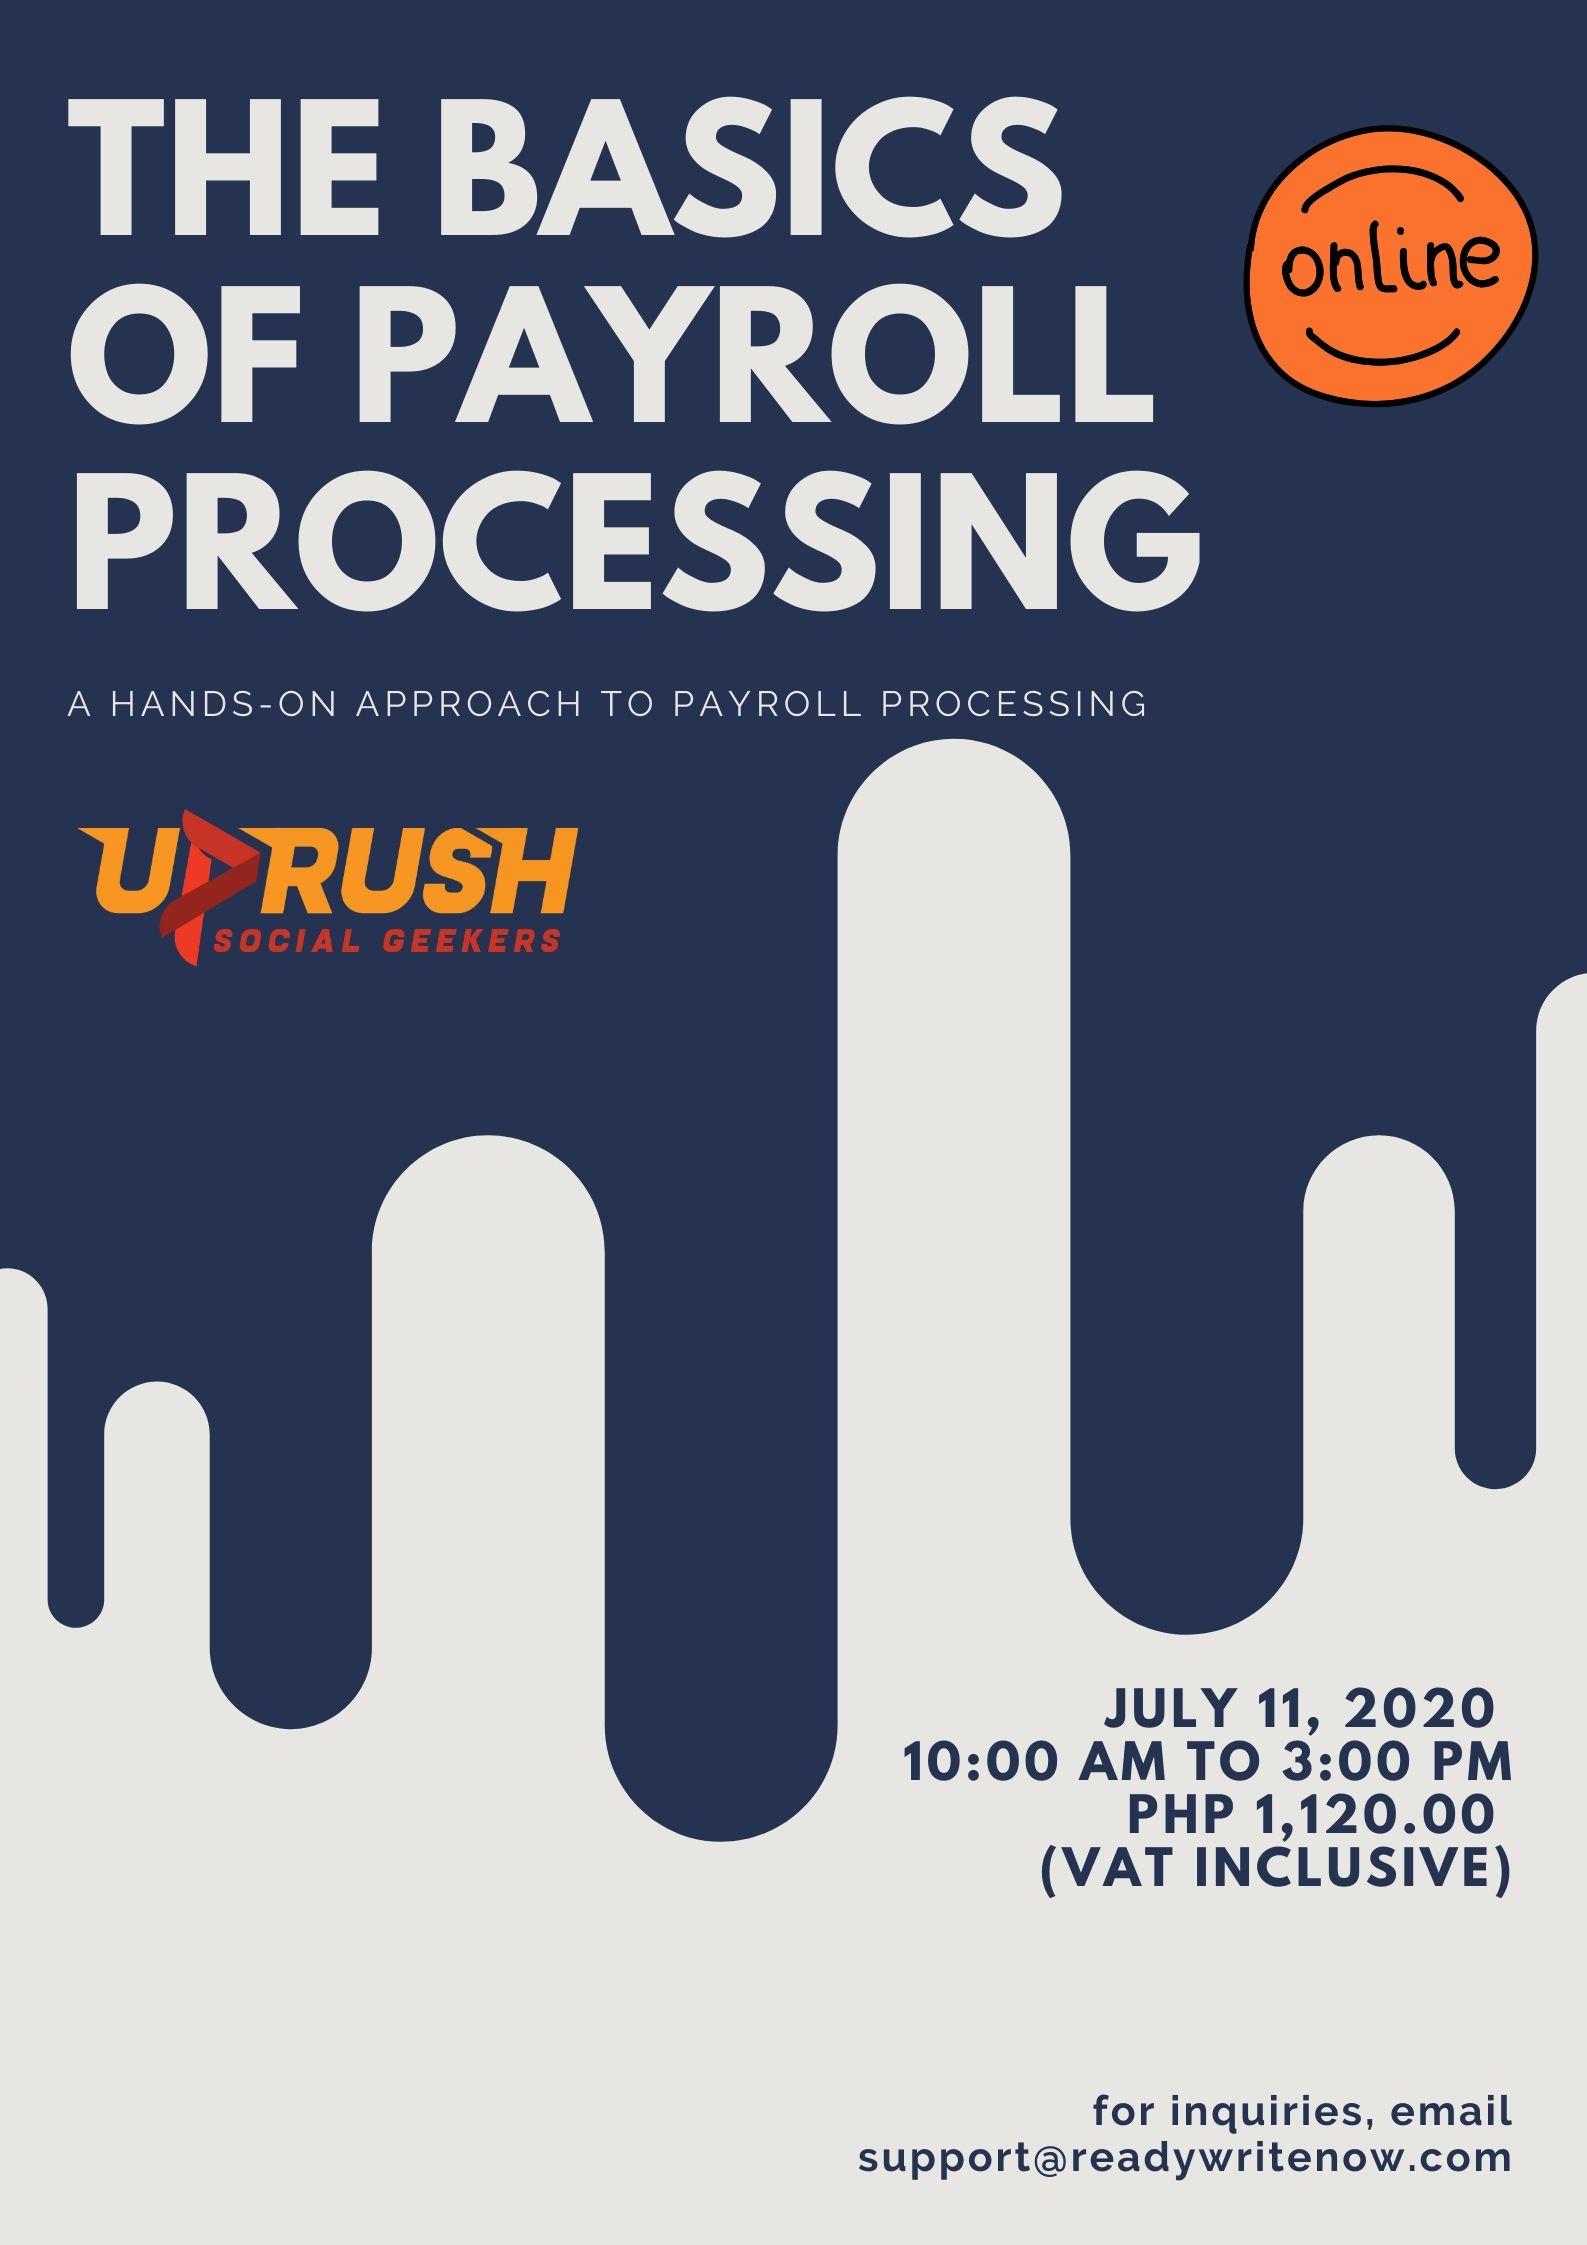 Basics of Payroll Processing